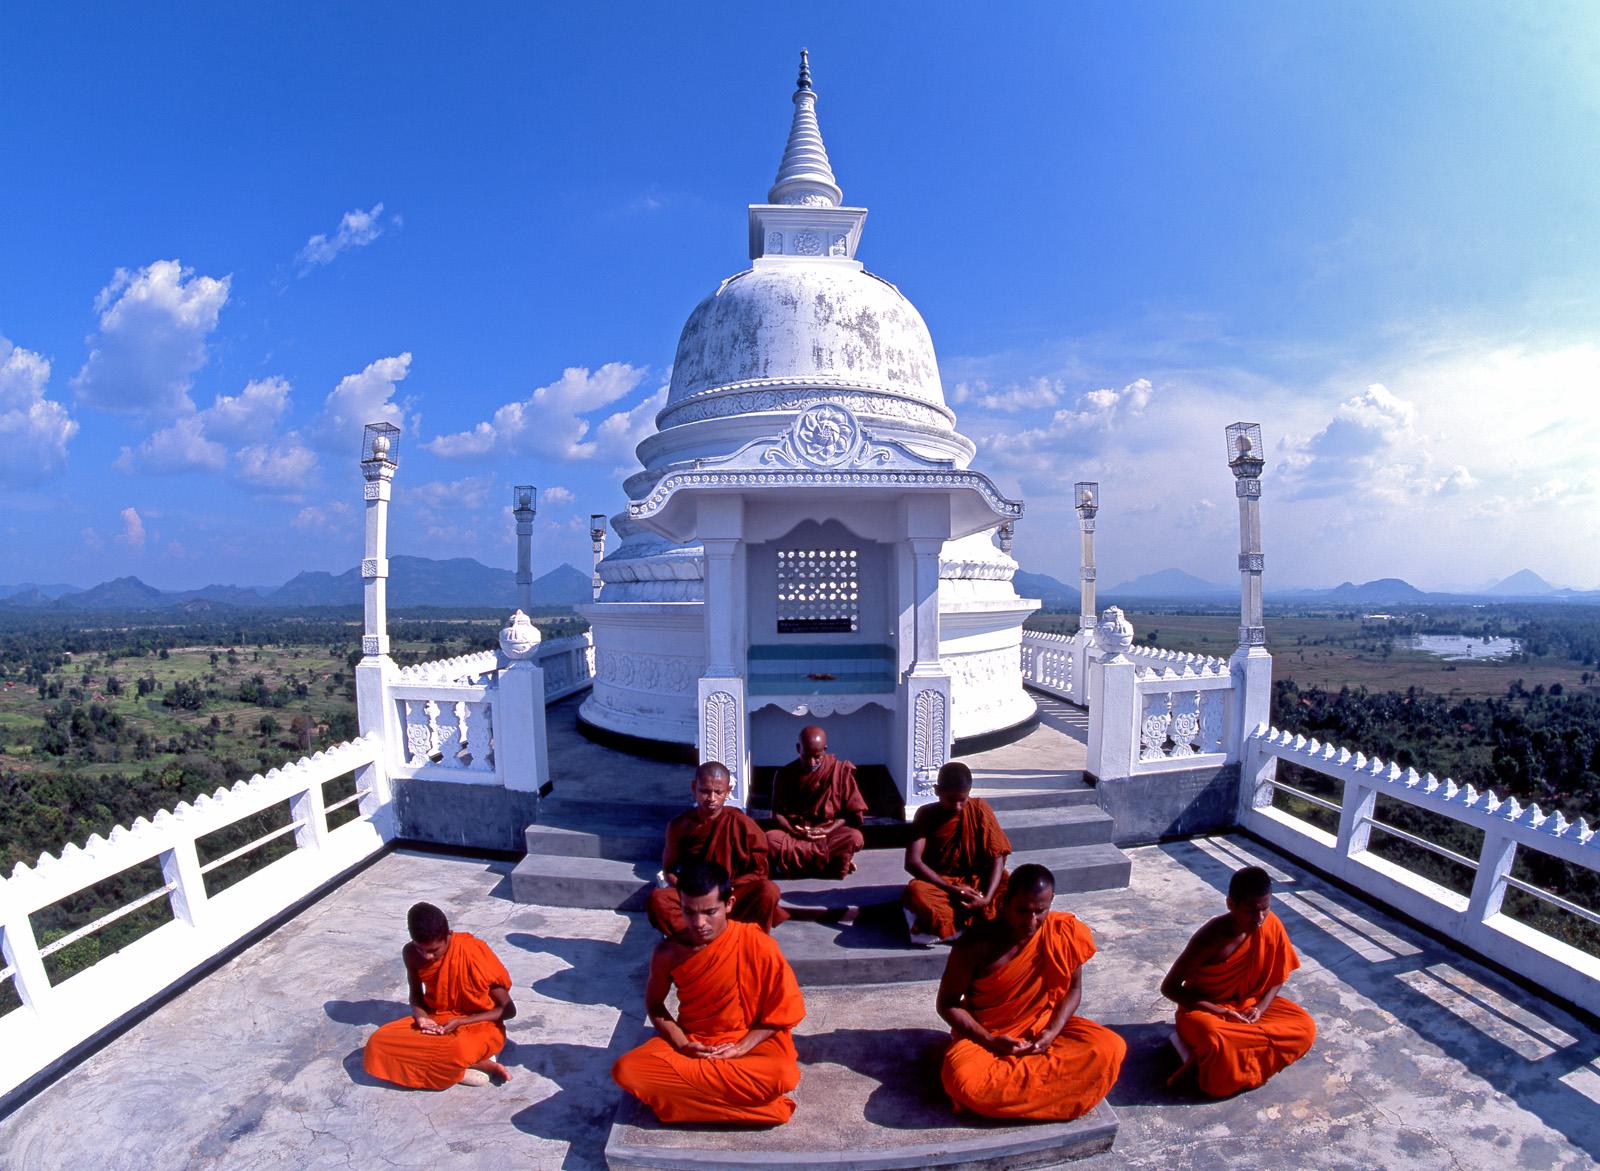 Ausflug zu einem Tempeldach in Sri Lanka mit Lanka Princess